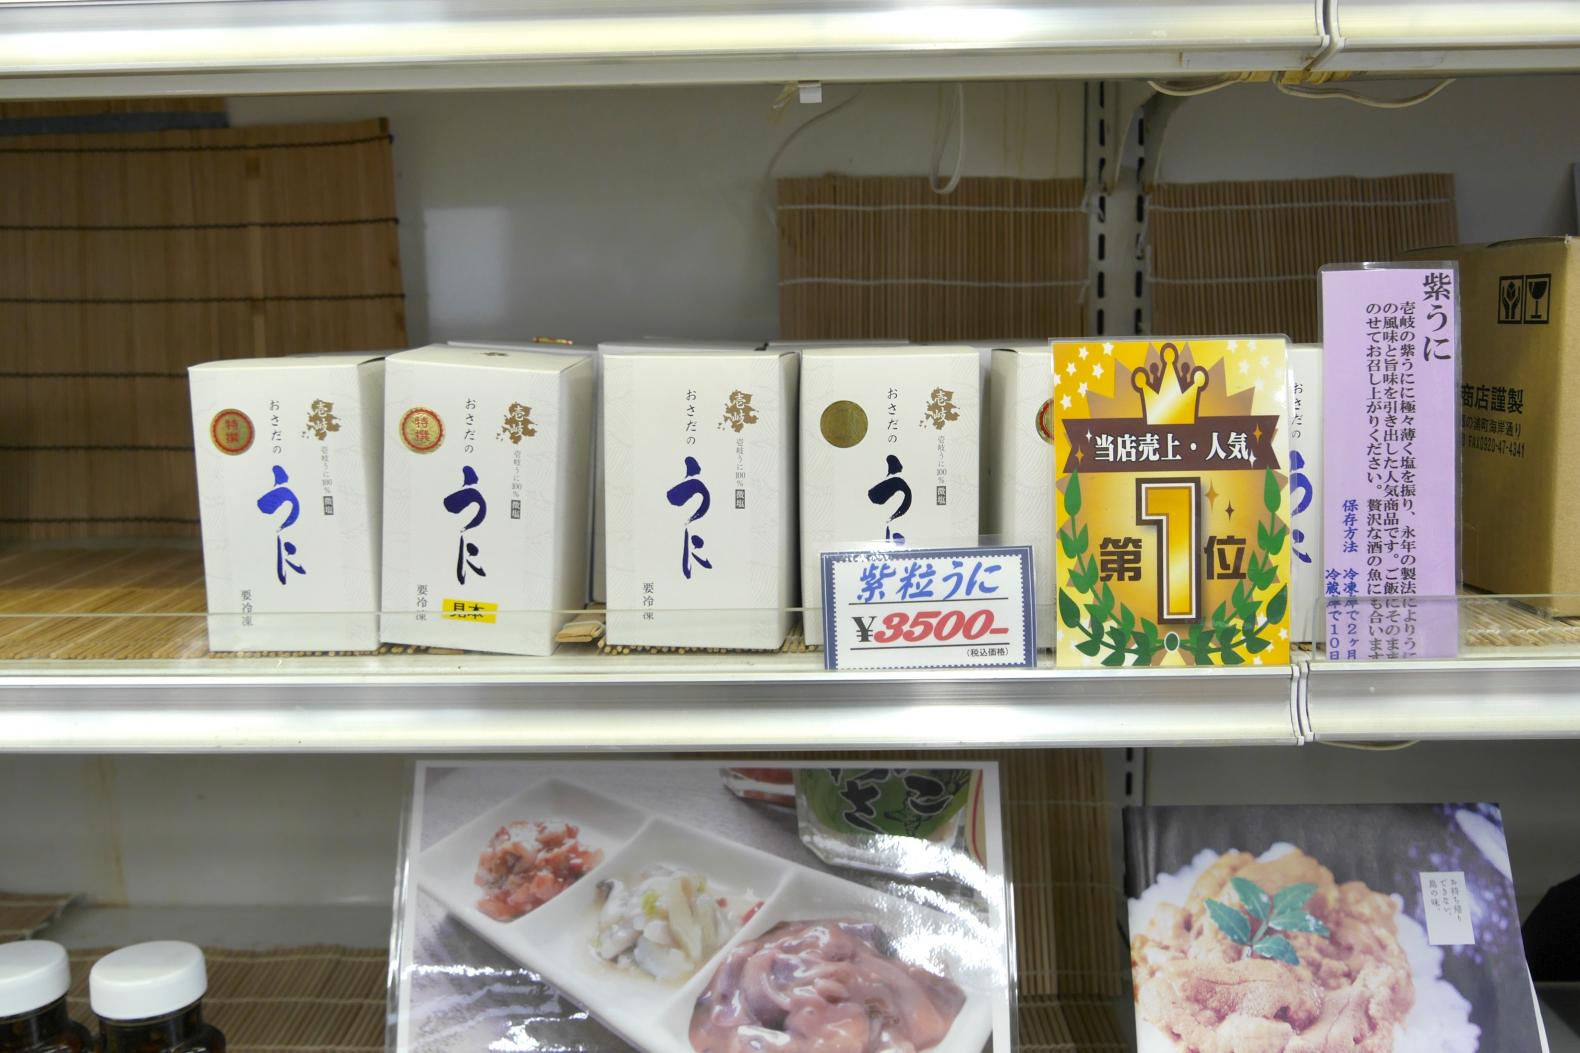 長田商店オリジナル商品も充実の製造元直営店-5